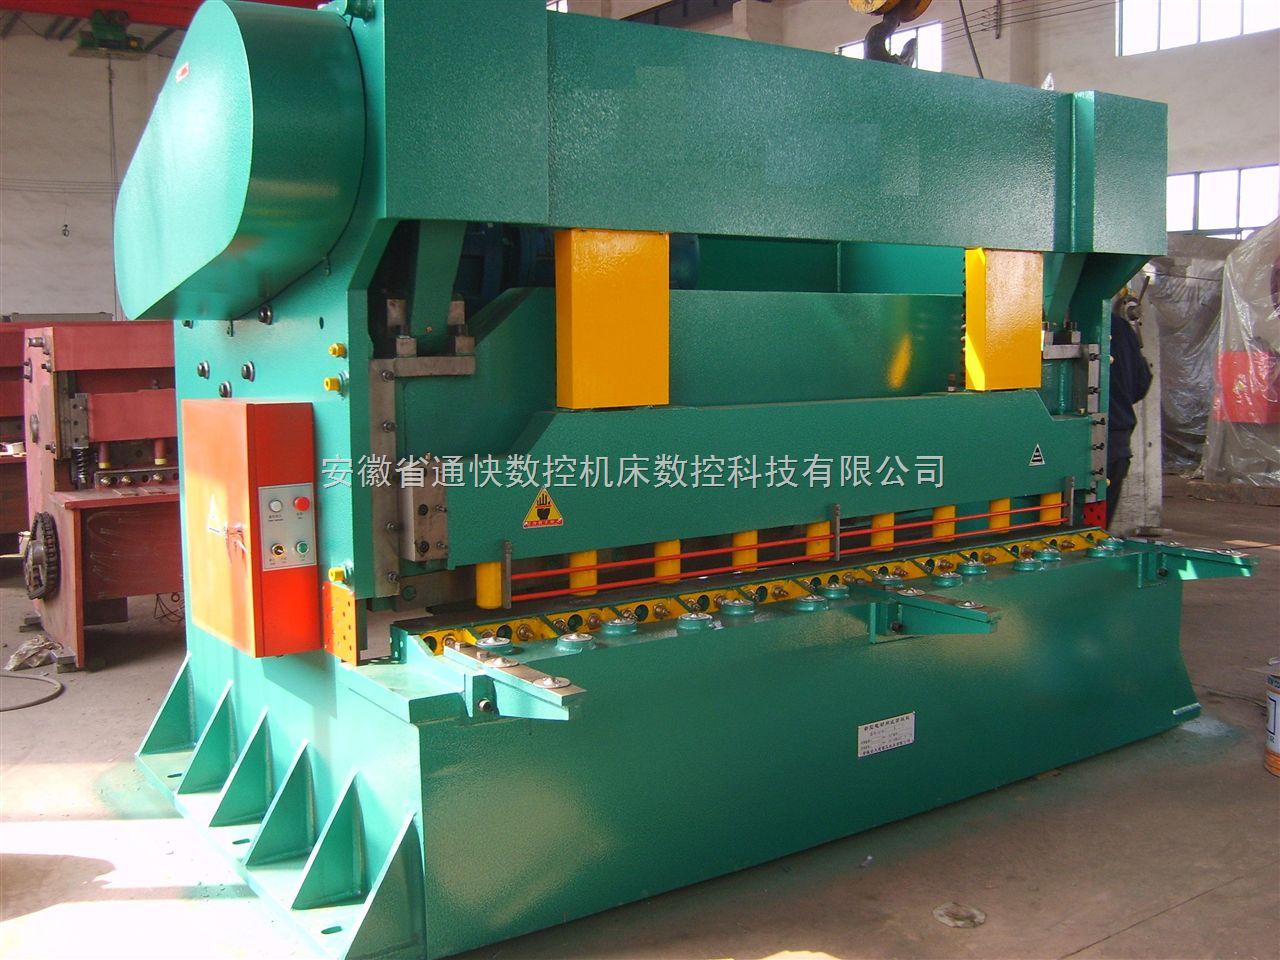 集成式液压系统,可靠性好;    机器采用机械式扭力同步;  剪板机 配